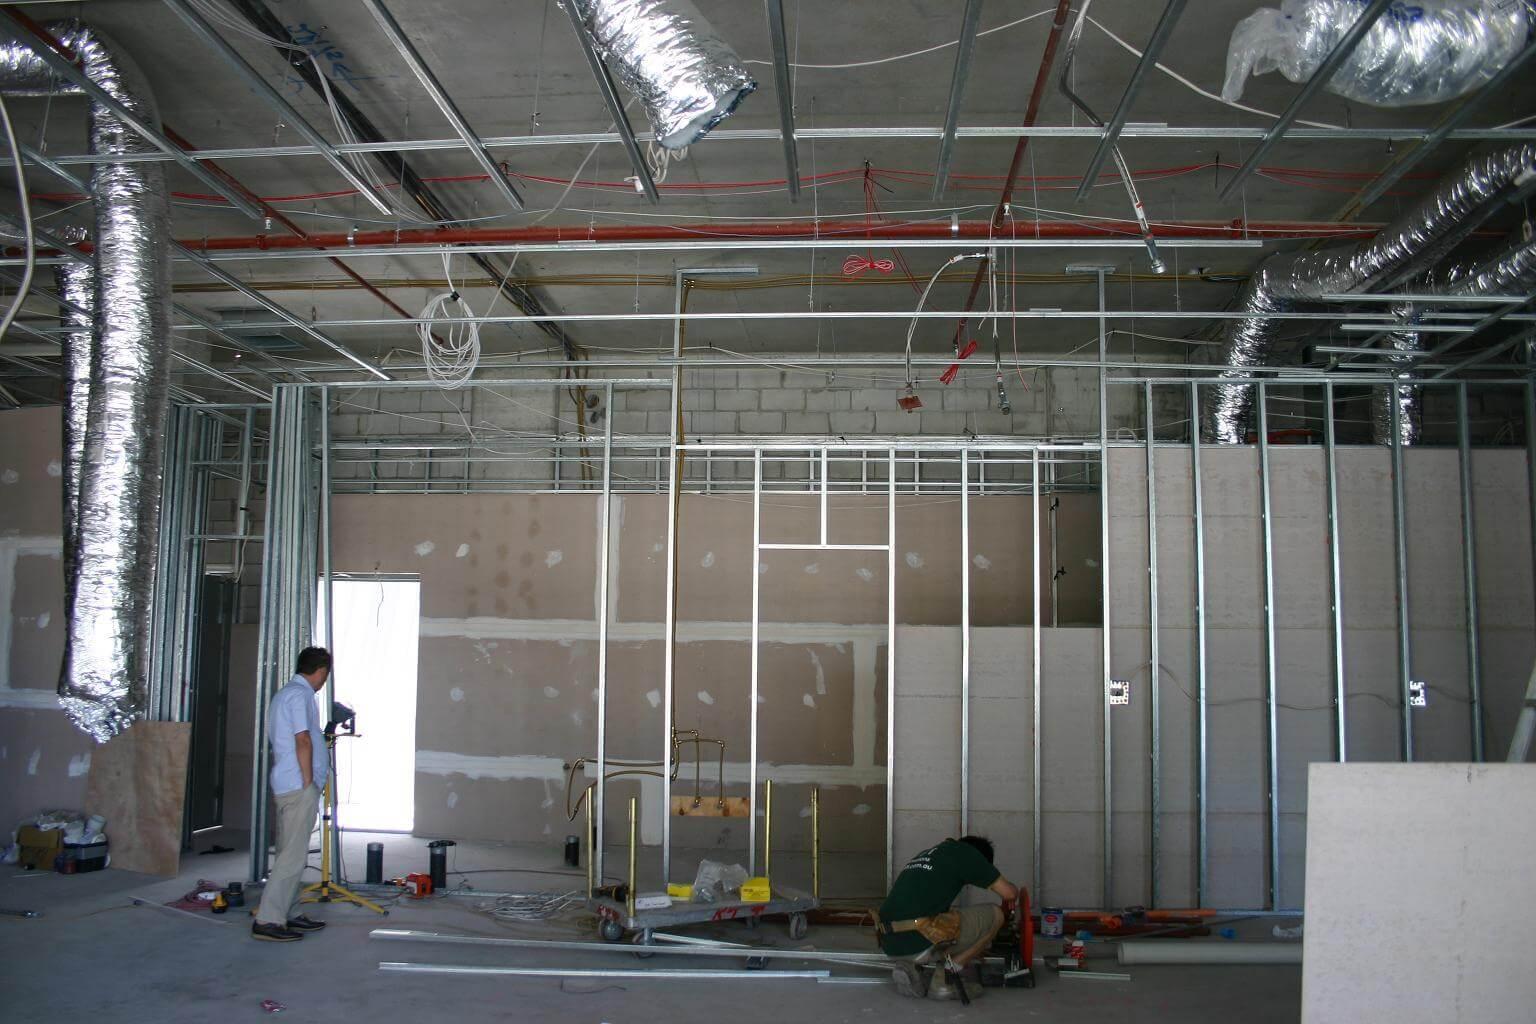 003 壁や天井の下地骨は日本と同じ軽鉄です